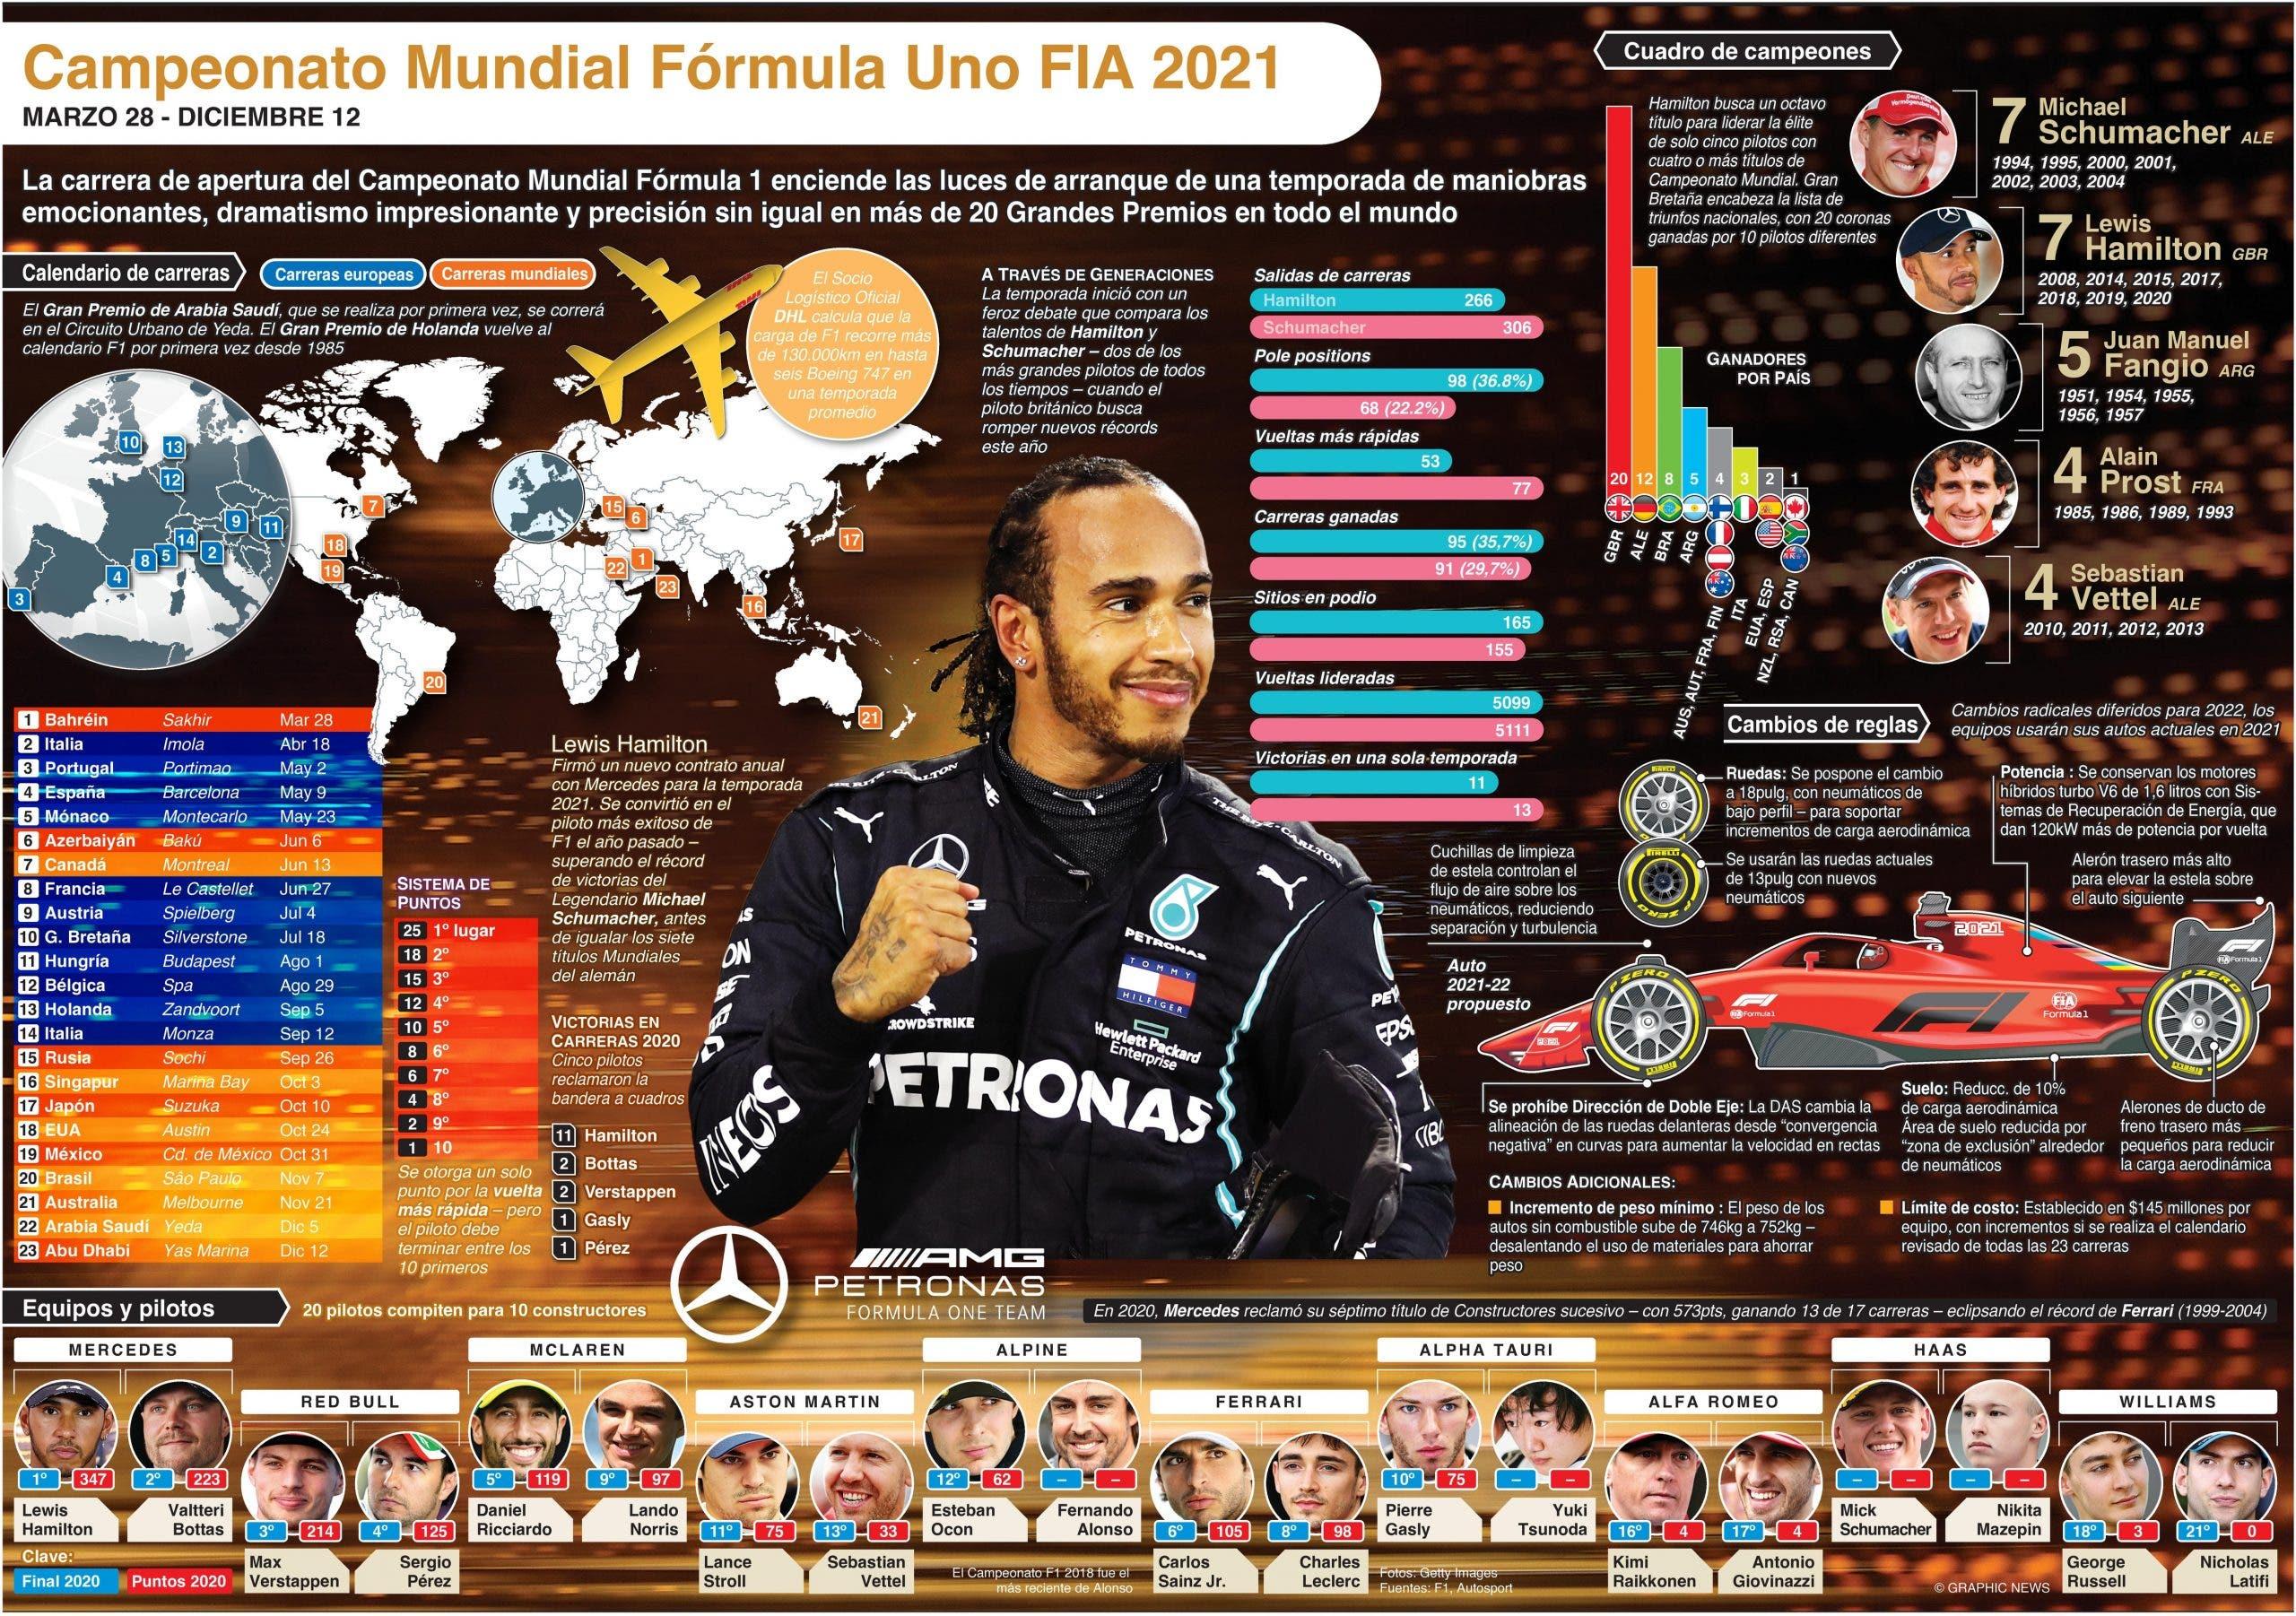 Calendario del Campeonato Fórmula Uno 2021